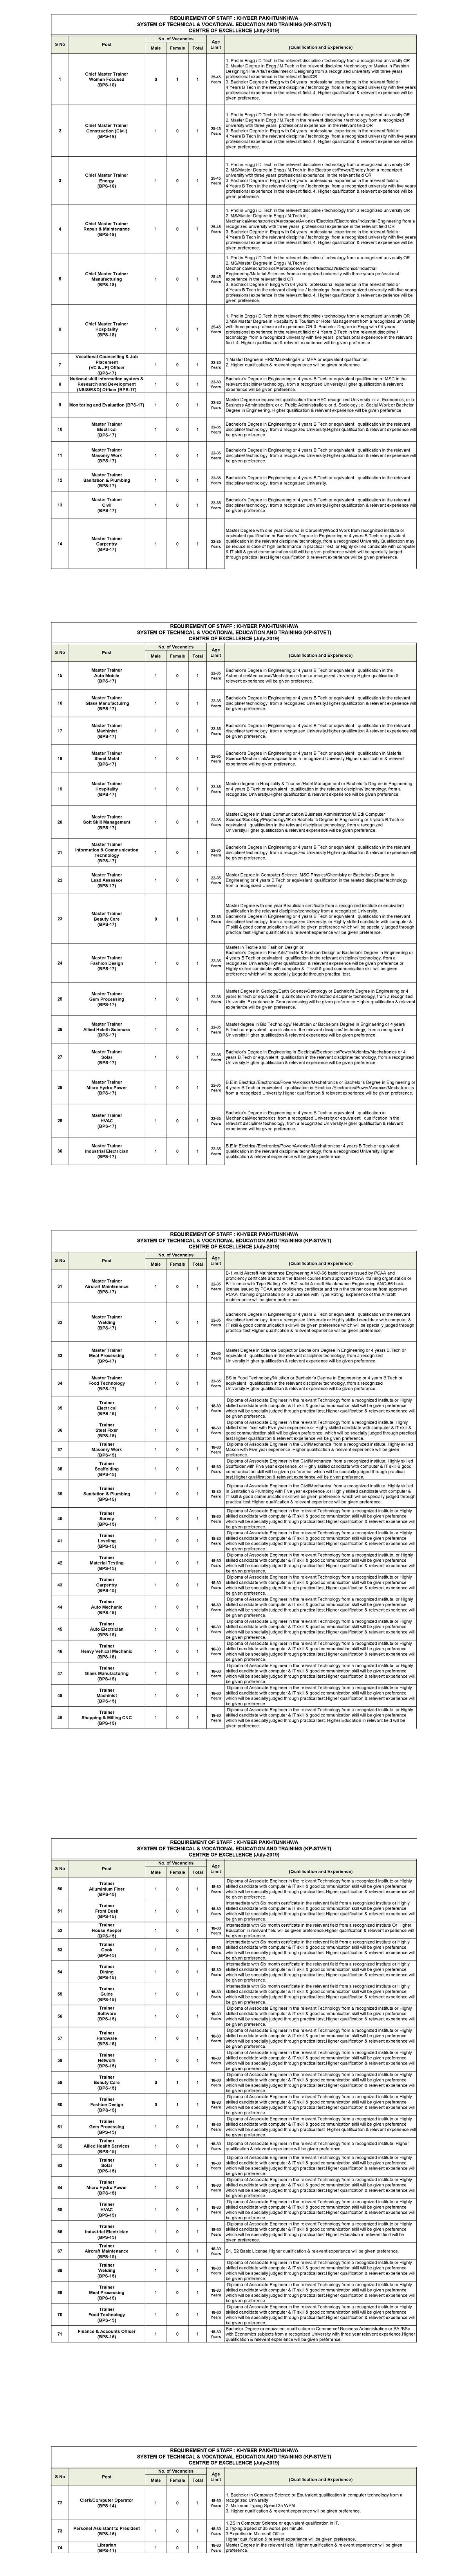 Khyber Pakhtunkhwa STVET Jobs 2019